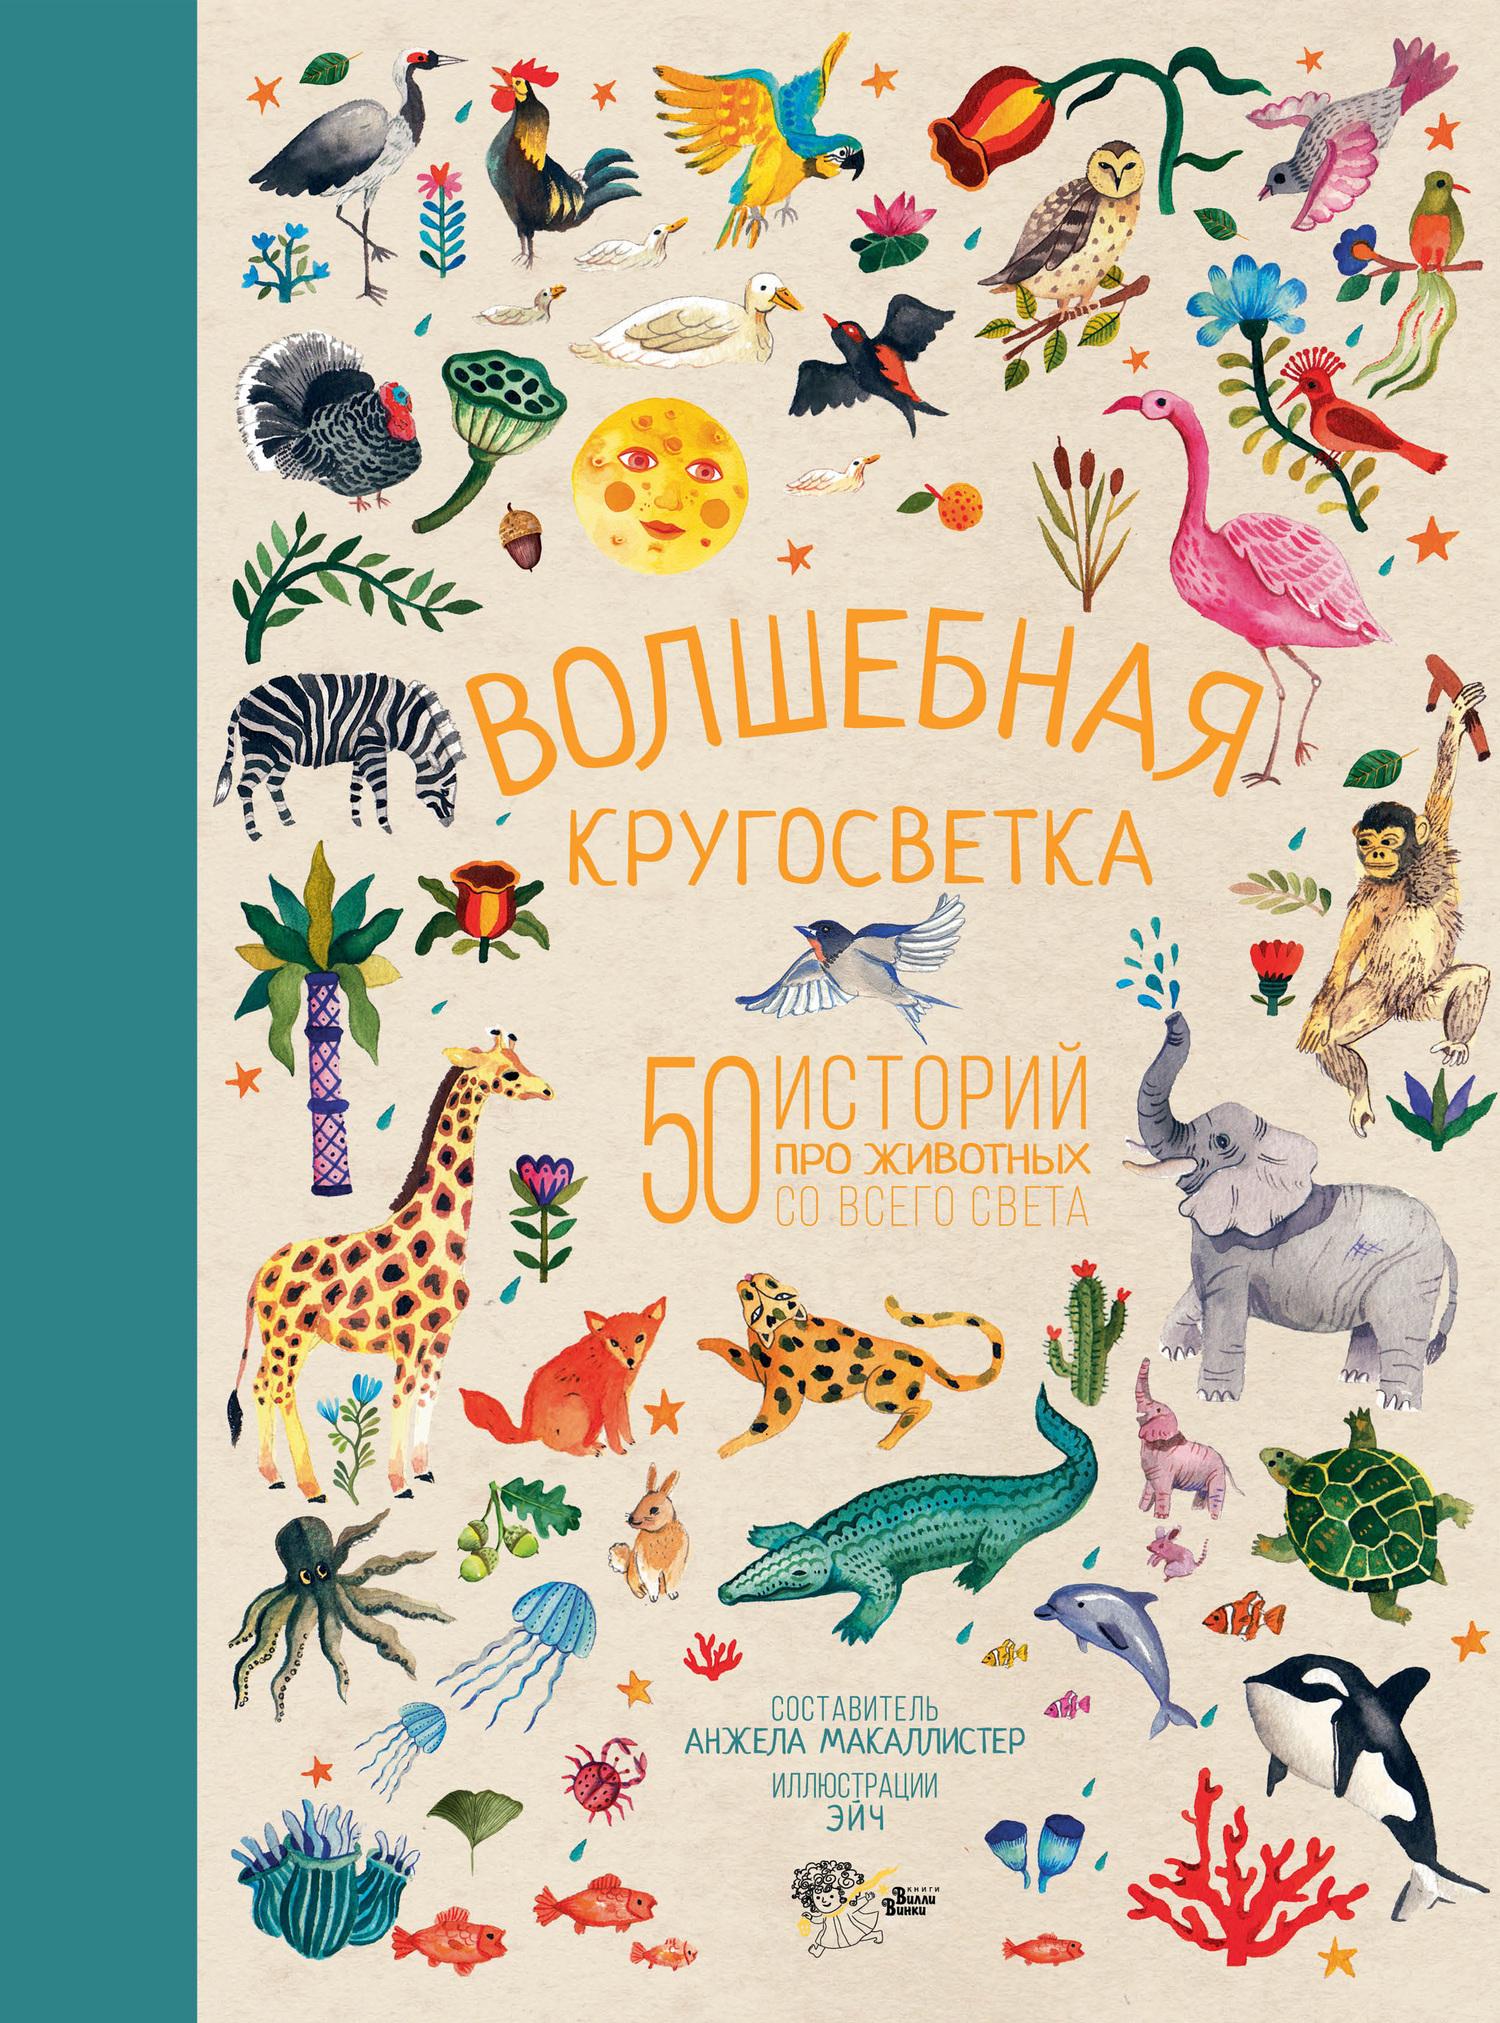 Книга Волшебная кругосветка. 50 историй про животных со всего света